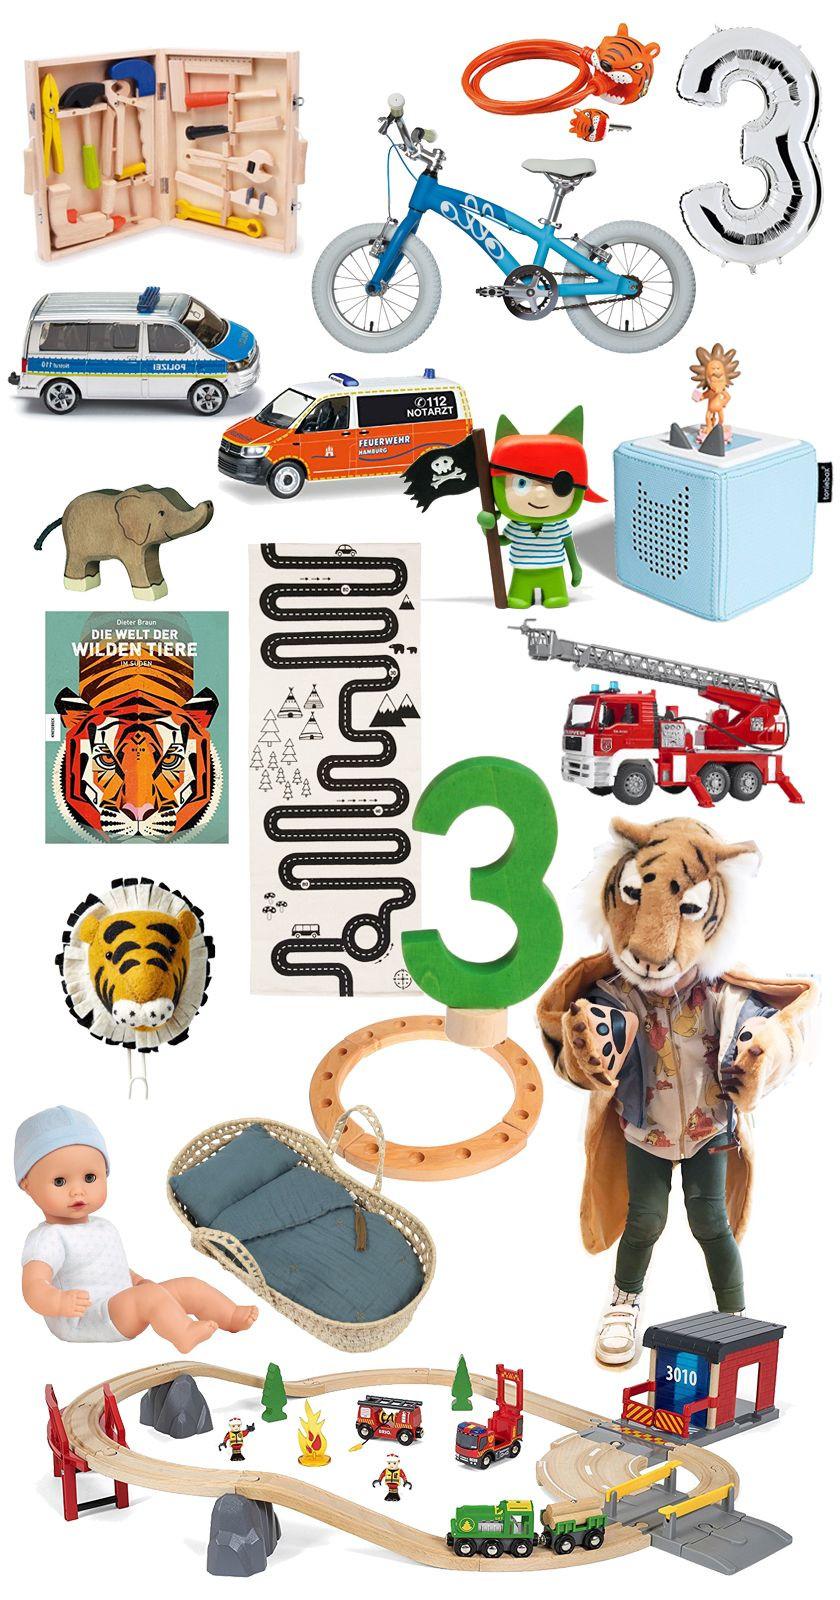 Schöne Geschenke  Schöne Geschenk Ideen zum dritten Geburtstag für einen